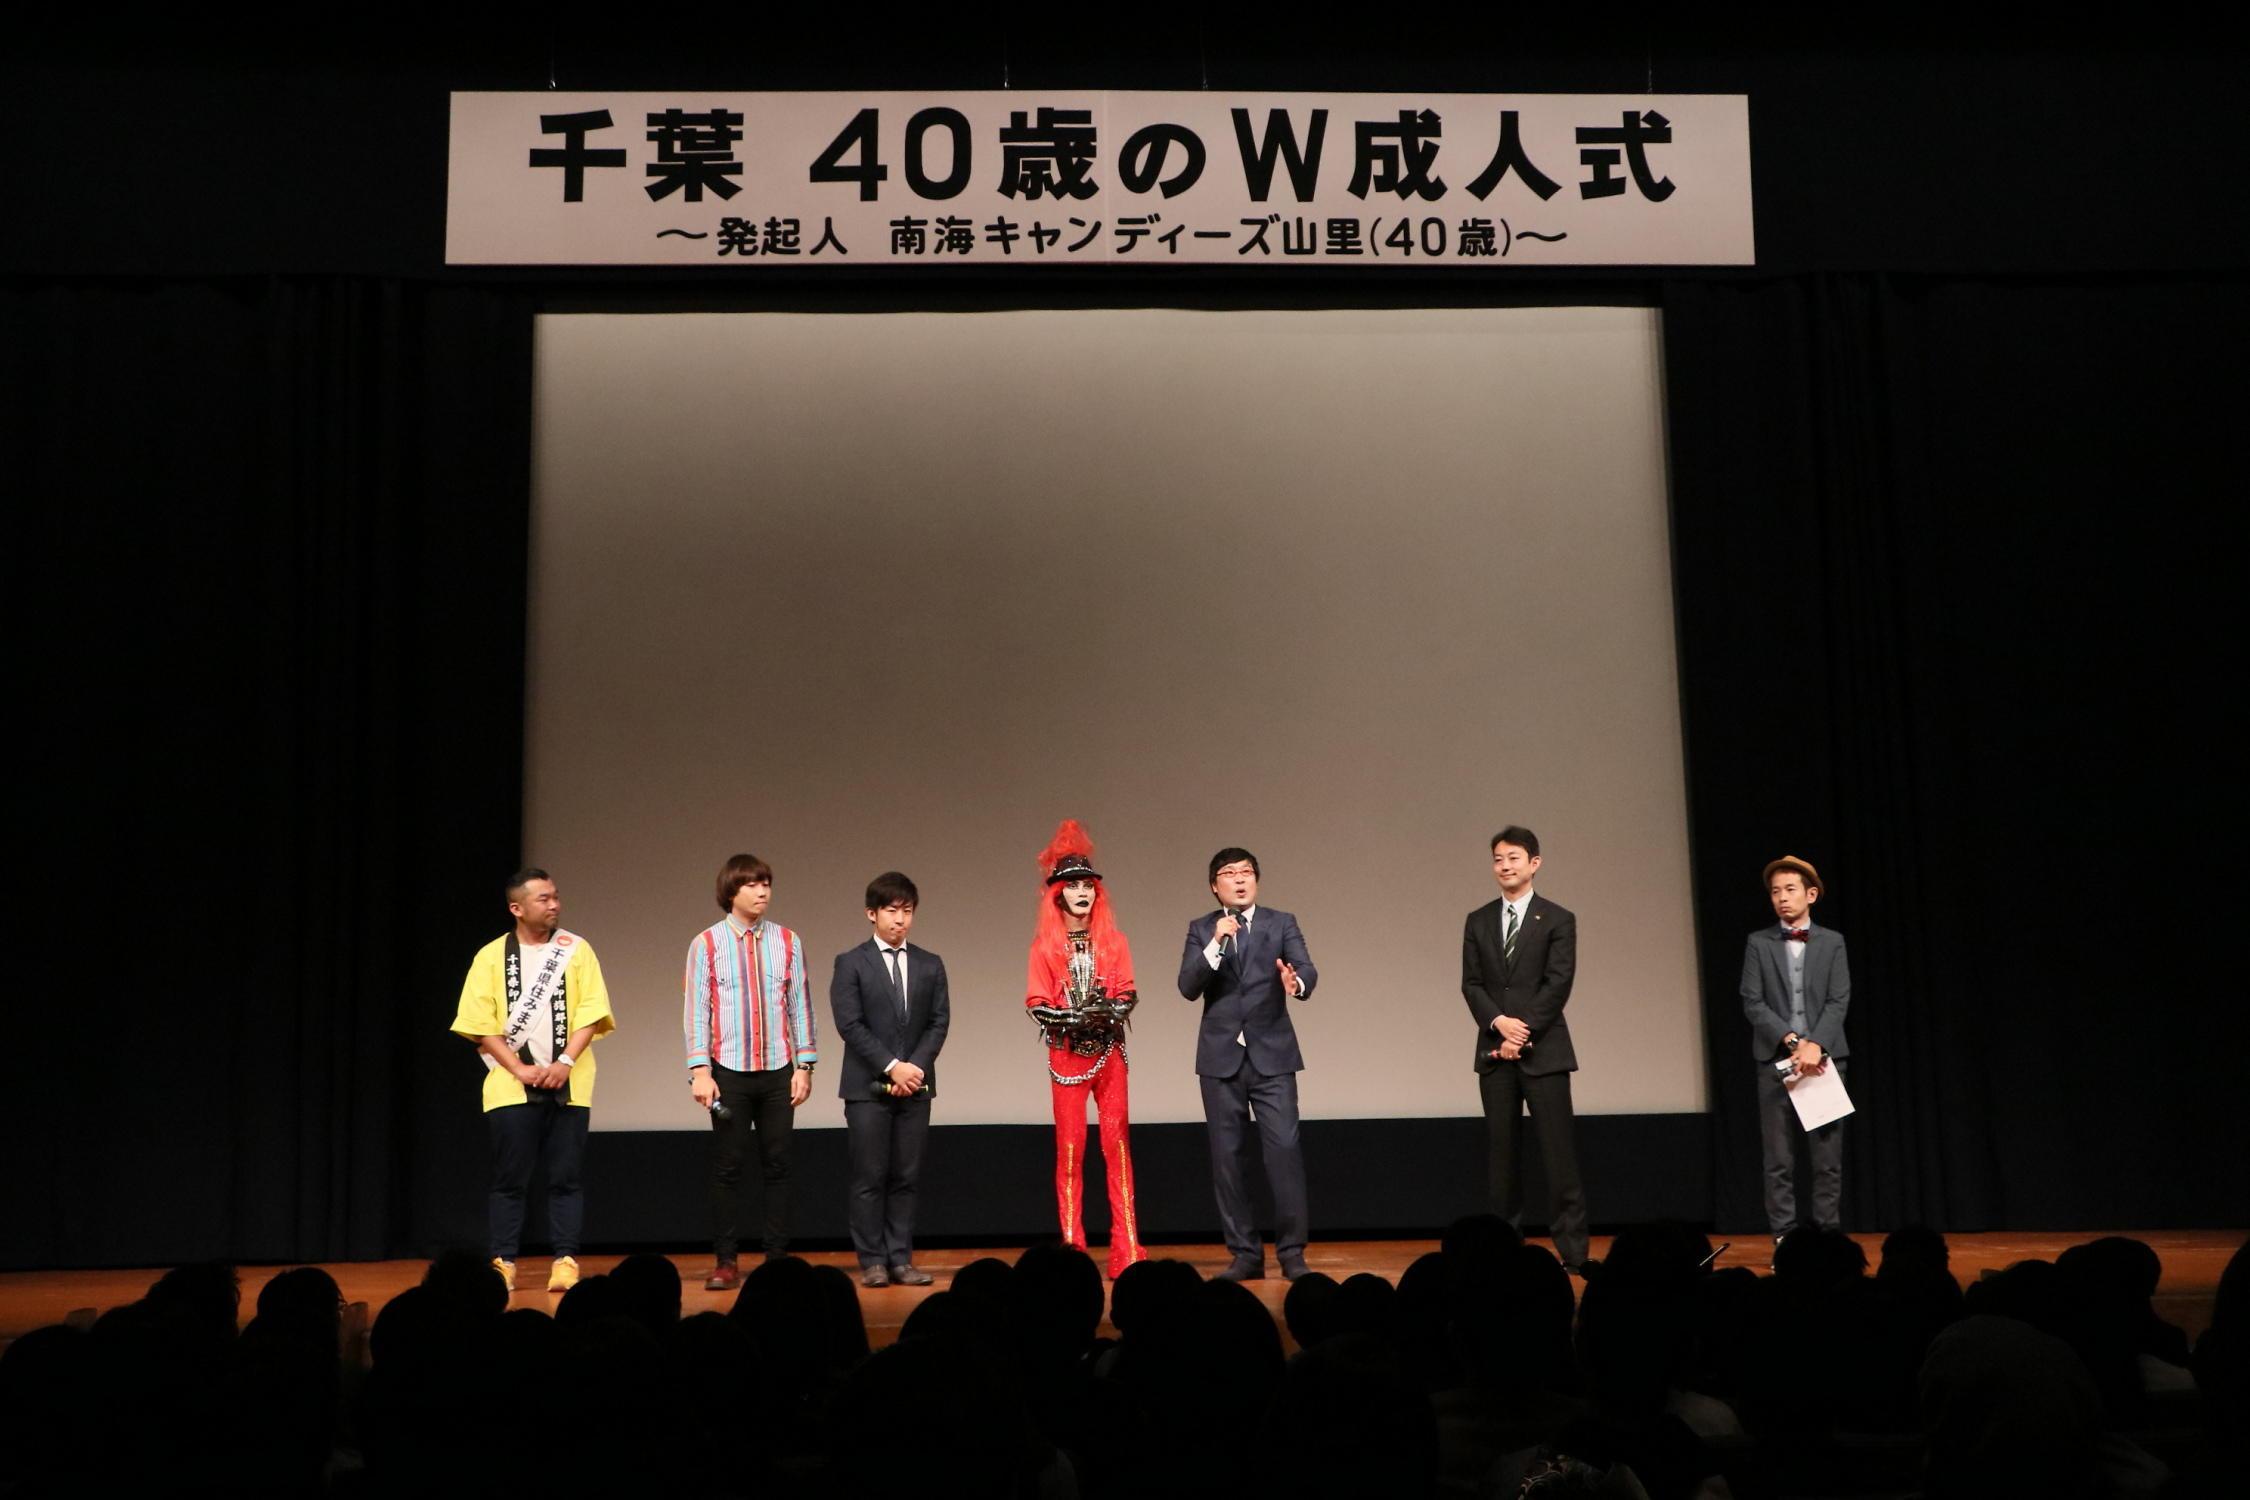 http://news.yoshimoto.co.jp/20180107133019-693997268eb577776a378464c23c1818357960a0.jpg